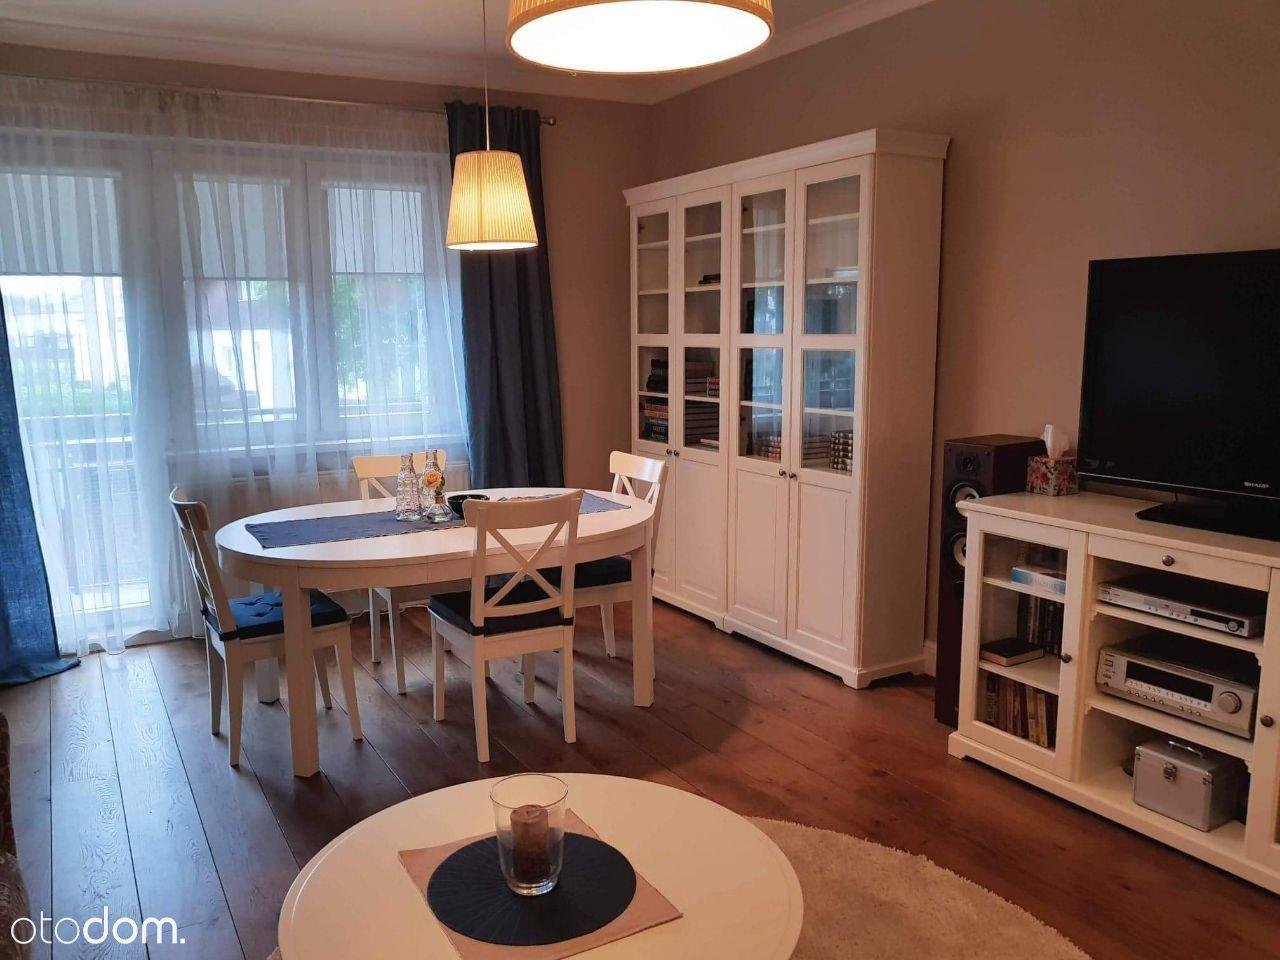 Zaktualizowano 4 pokoje, mieszkanie na sprzedaż - Ząbki, wołomiński, mazowieckie EW38